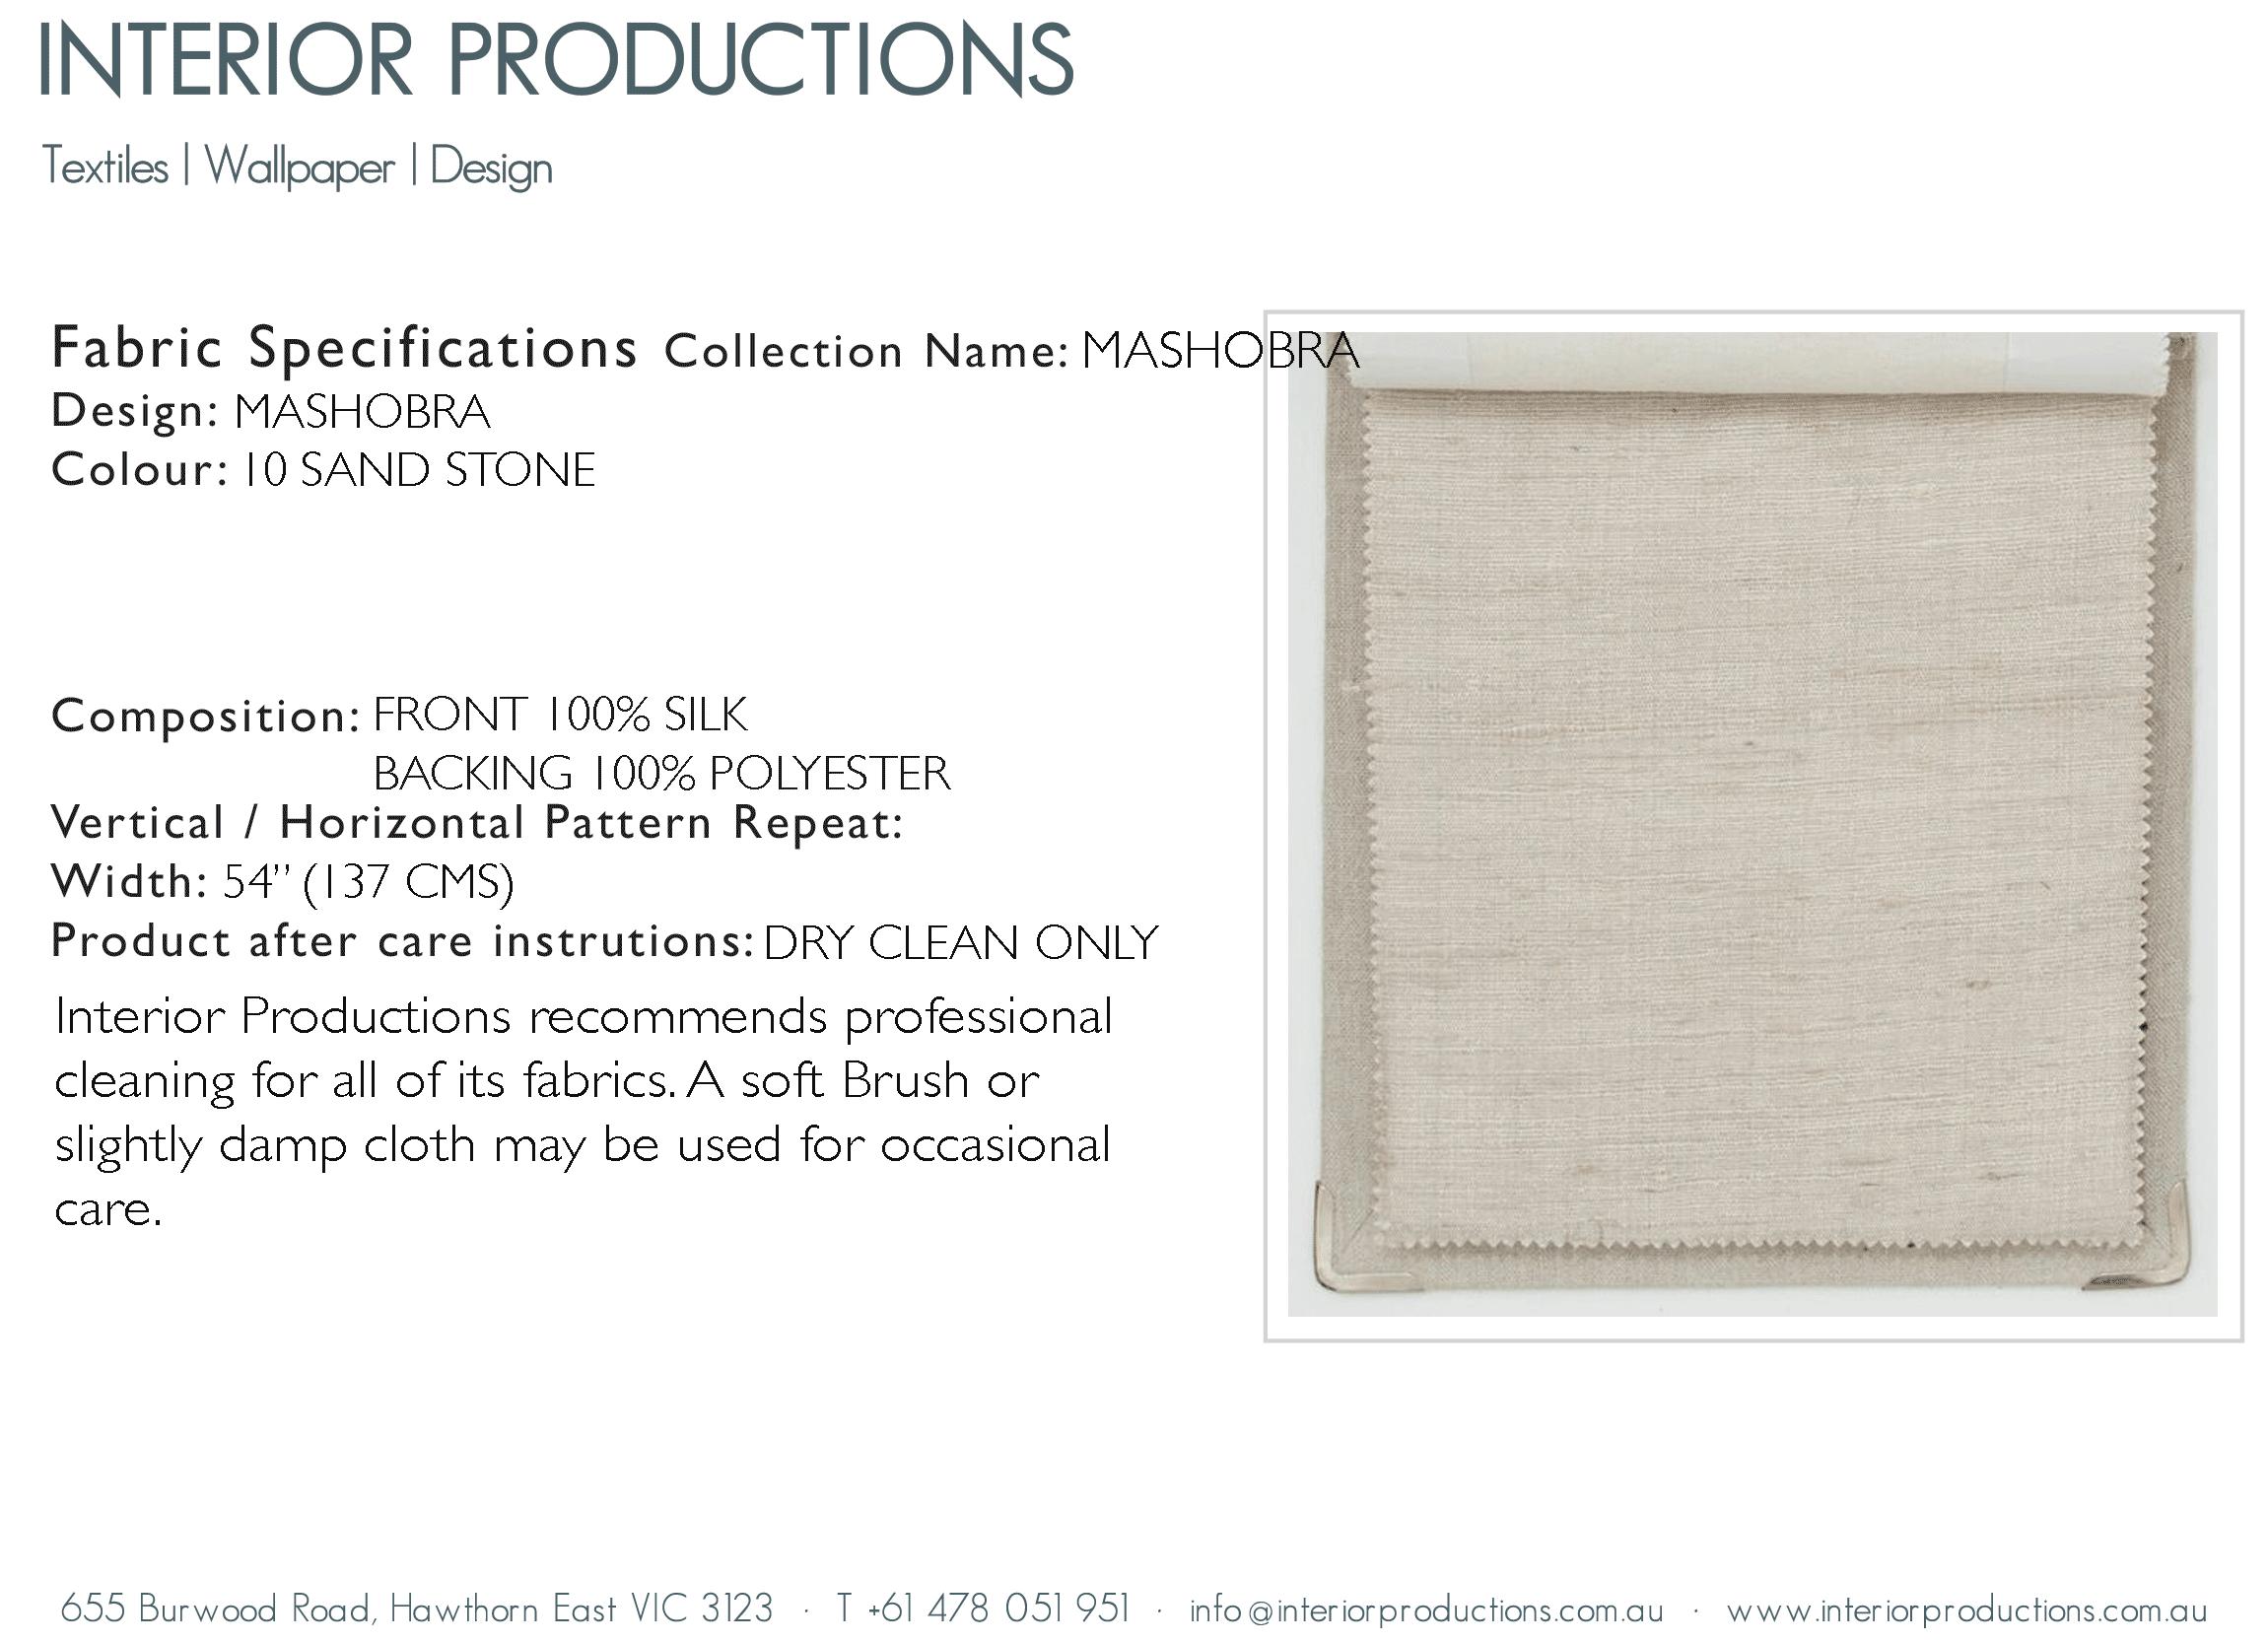 interior_productions_MASHOBRA---10-SAND-STONE